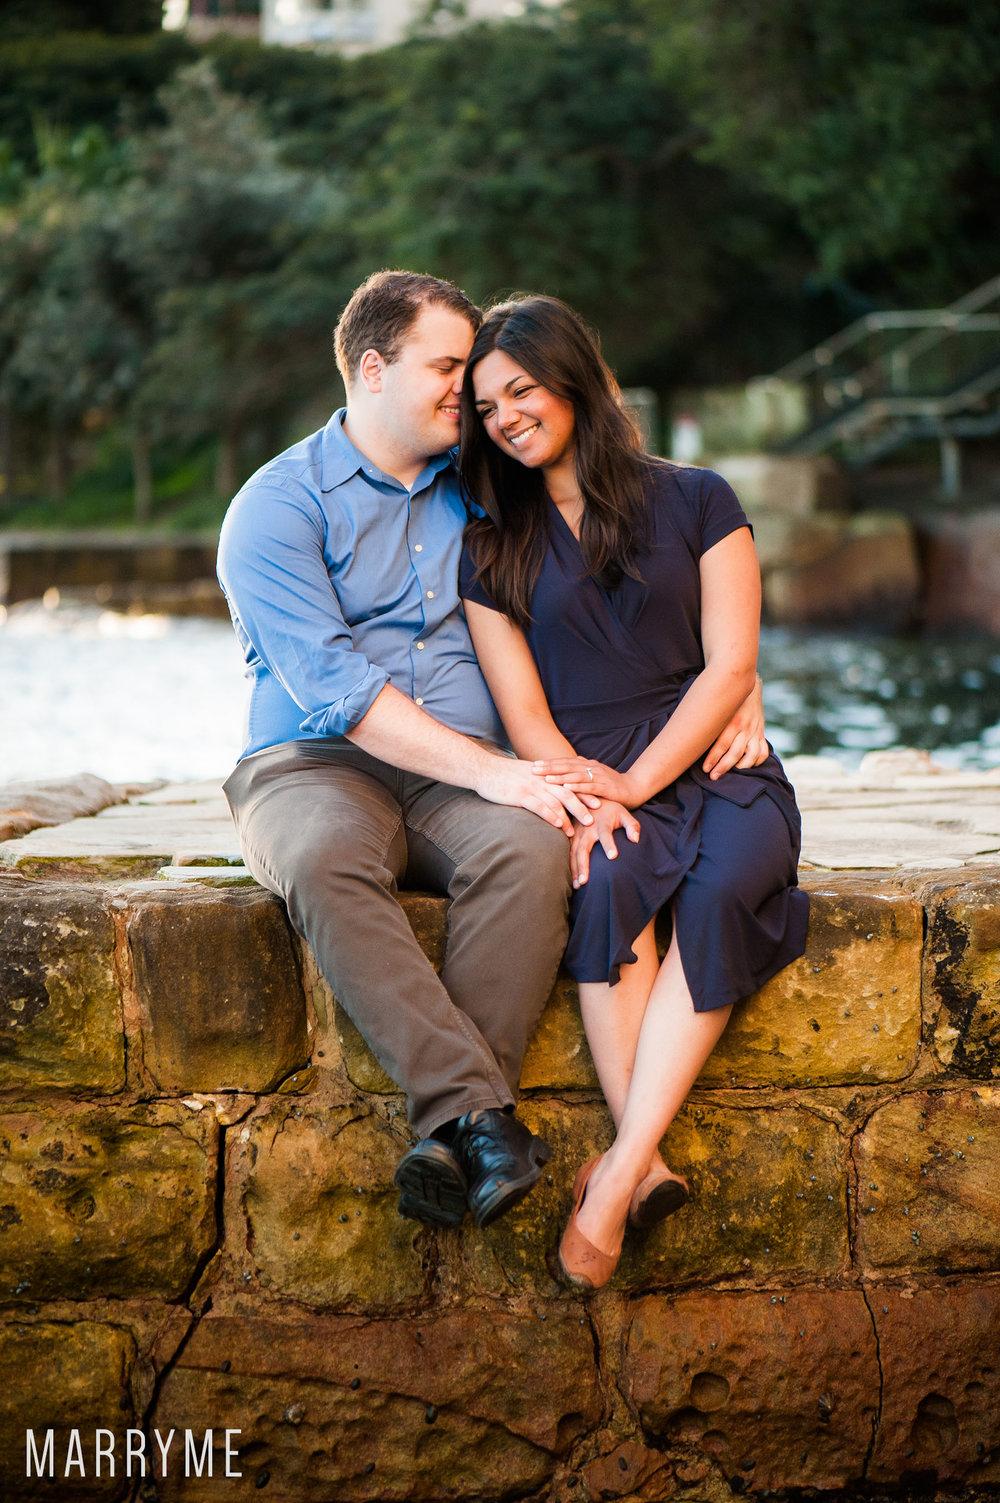 Sydney+Real+Marriage+Proposal+Kirribilli+Location+Sydney+5.jpg